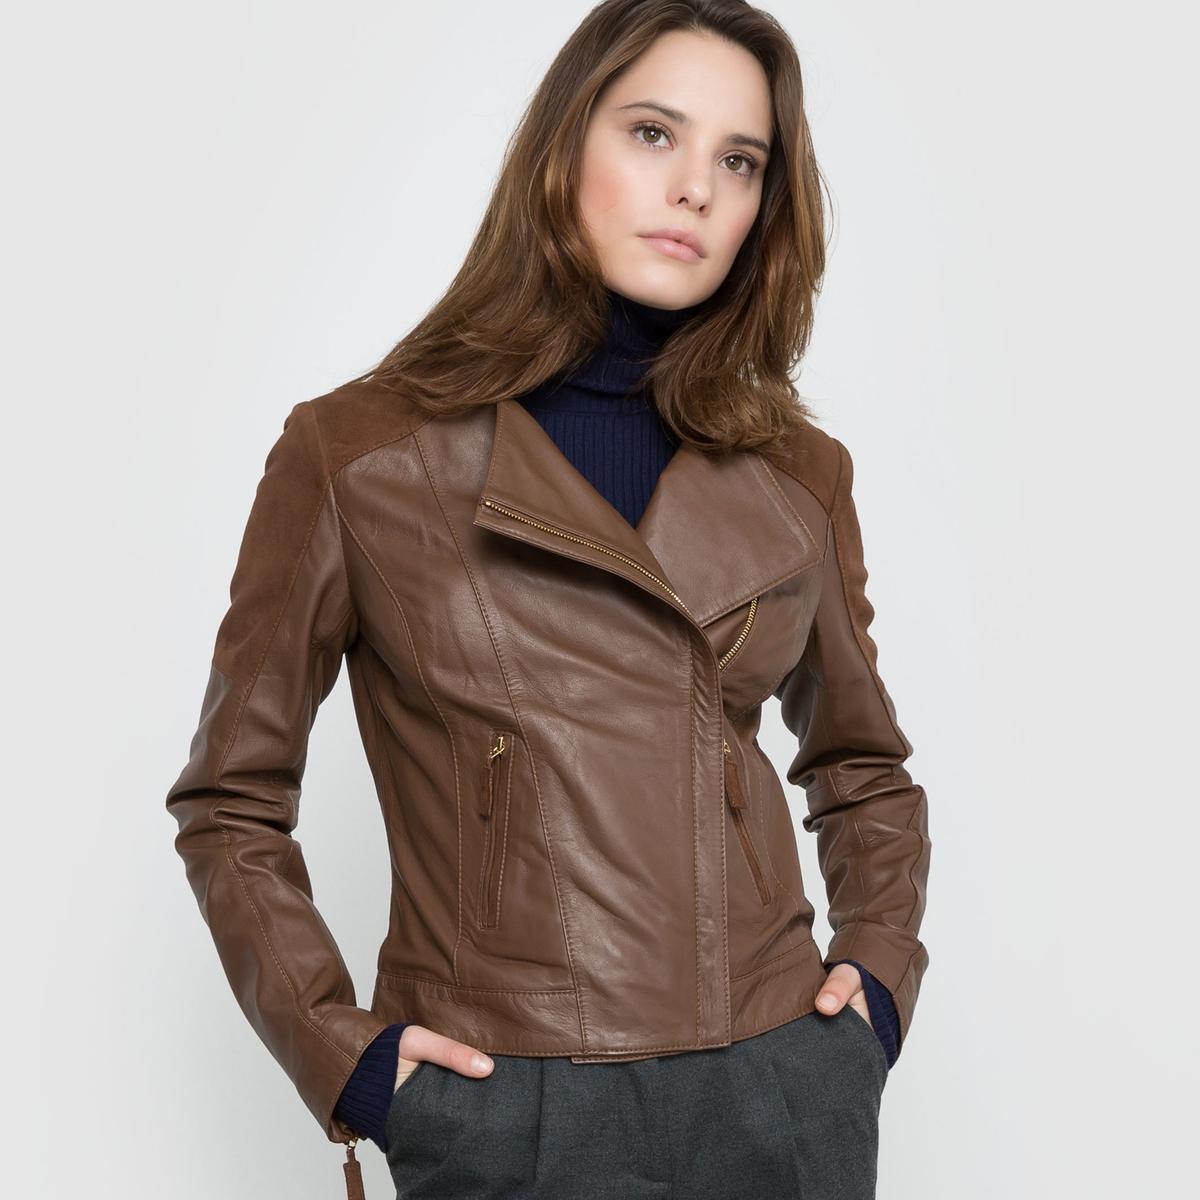 Блузон из кожи в байкерском стиле блузон кожаный в байкерском стиле